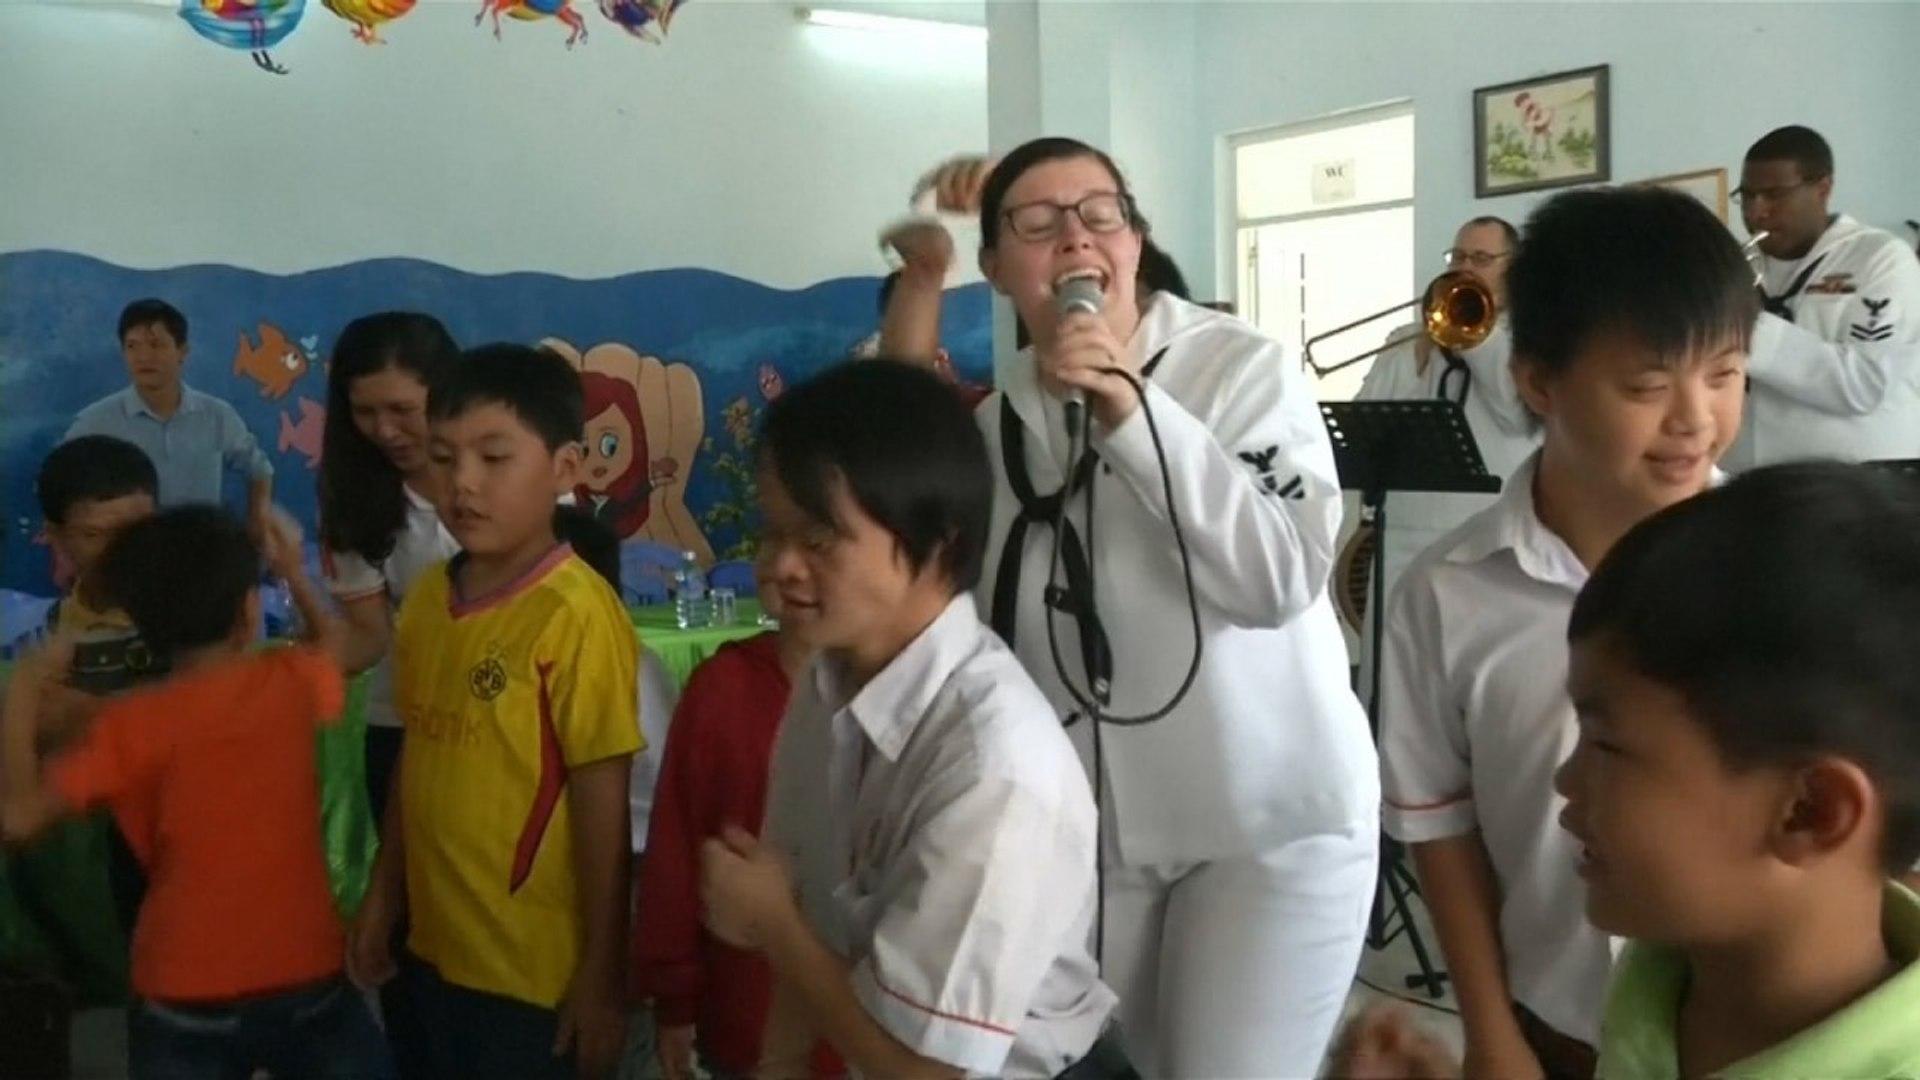 US Sailors visit victims of Agent Orange as part of Vietnam visit